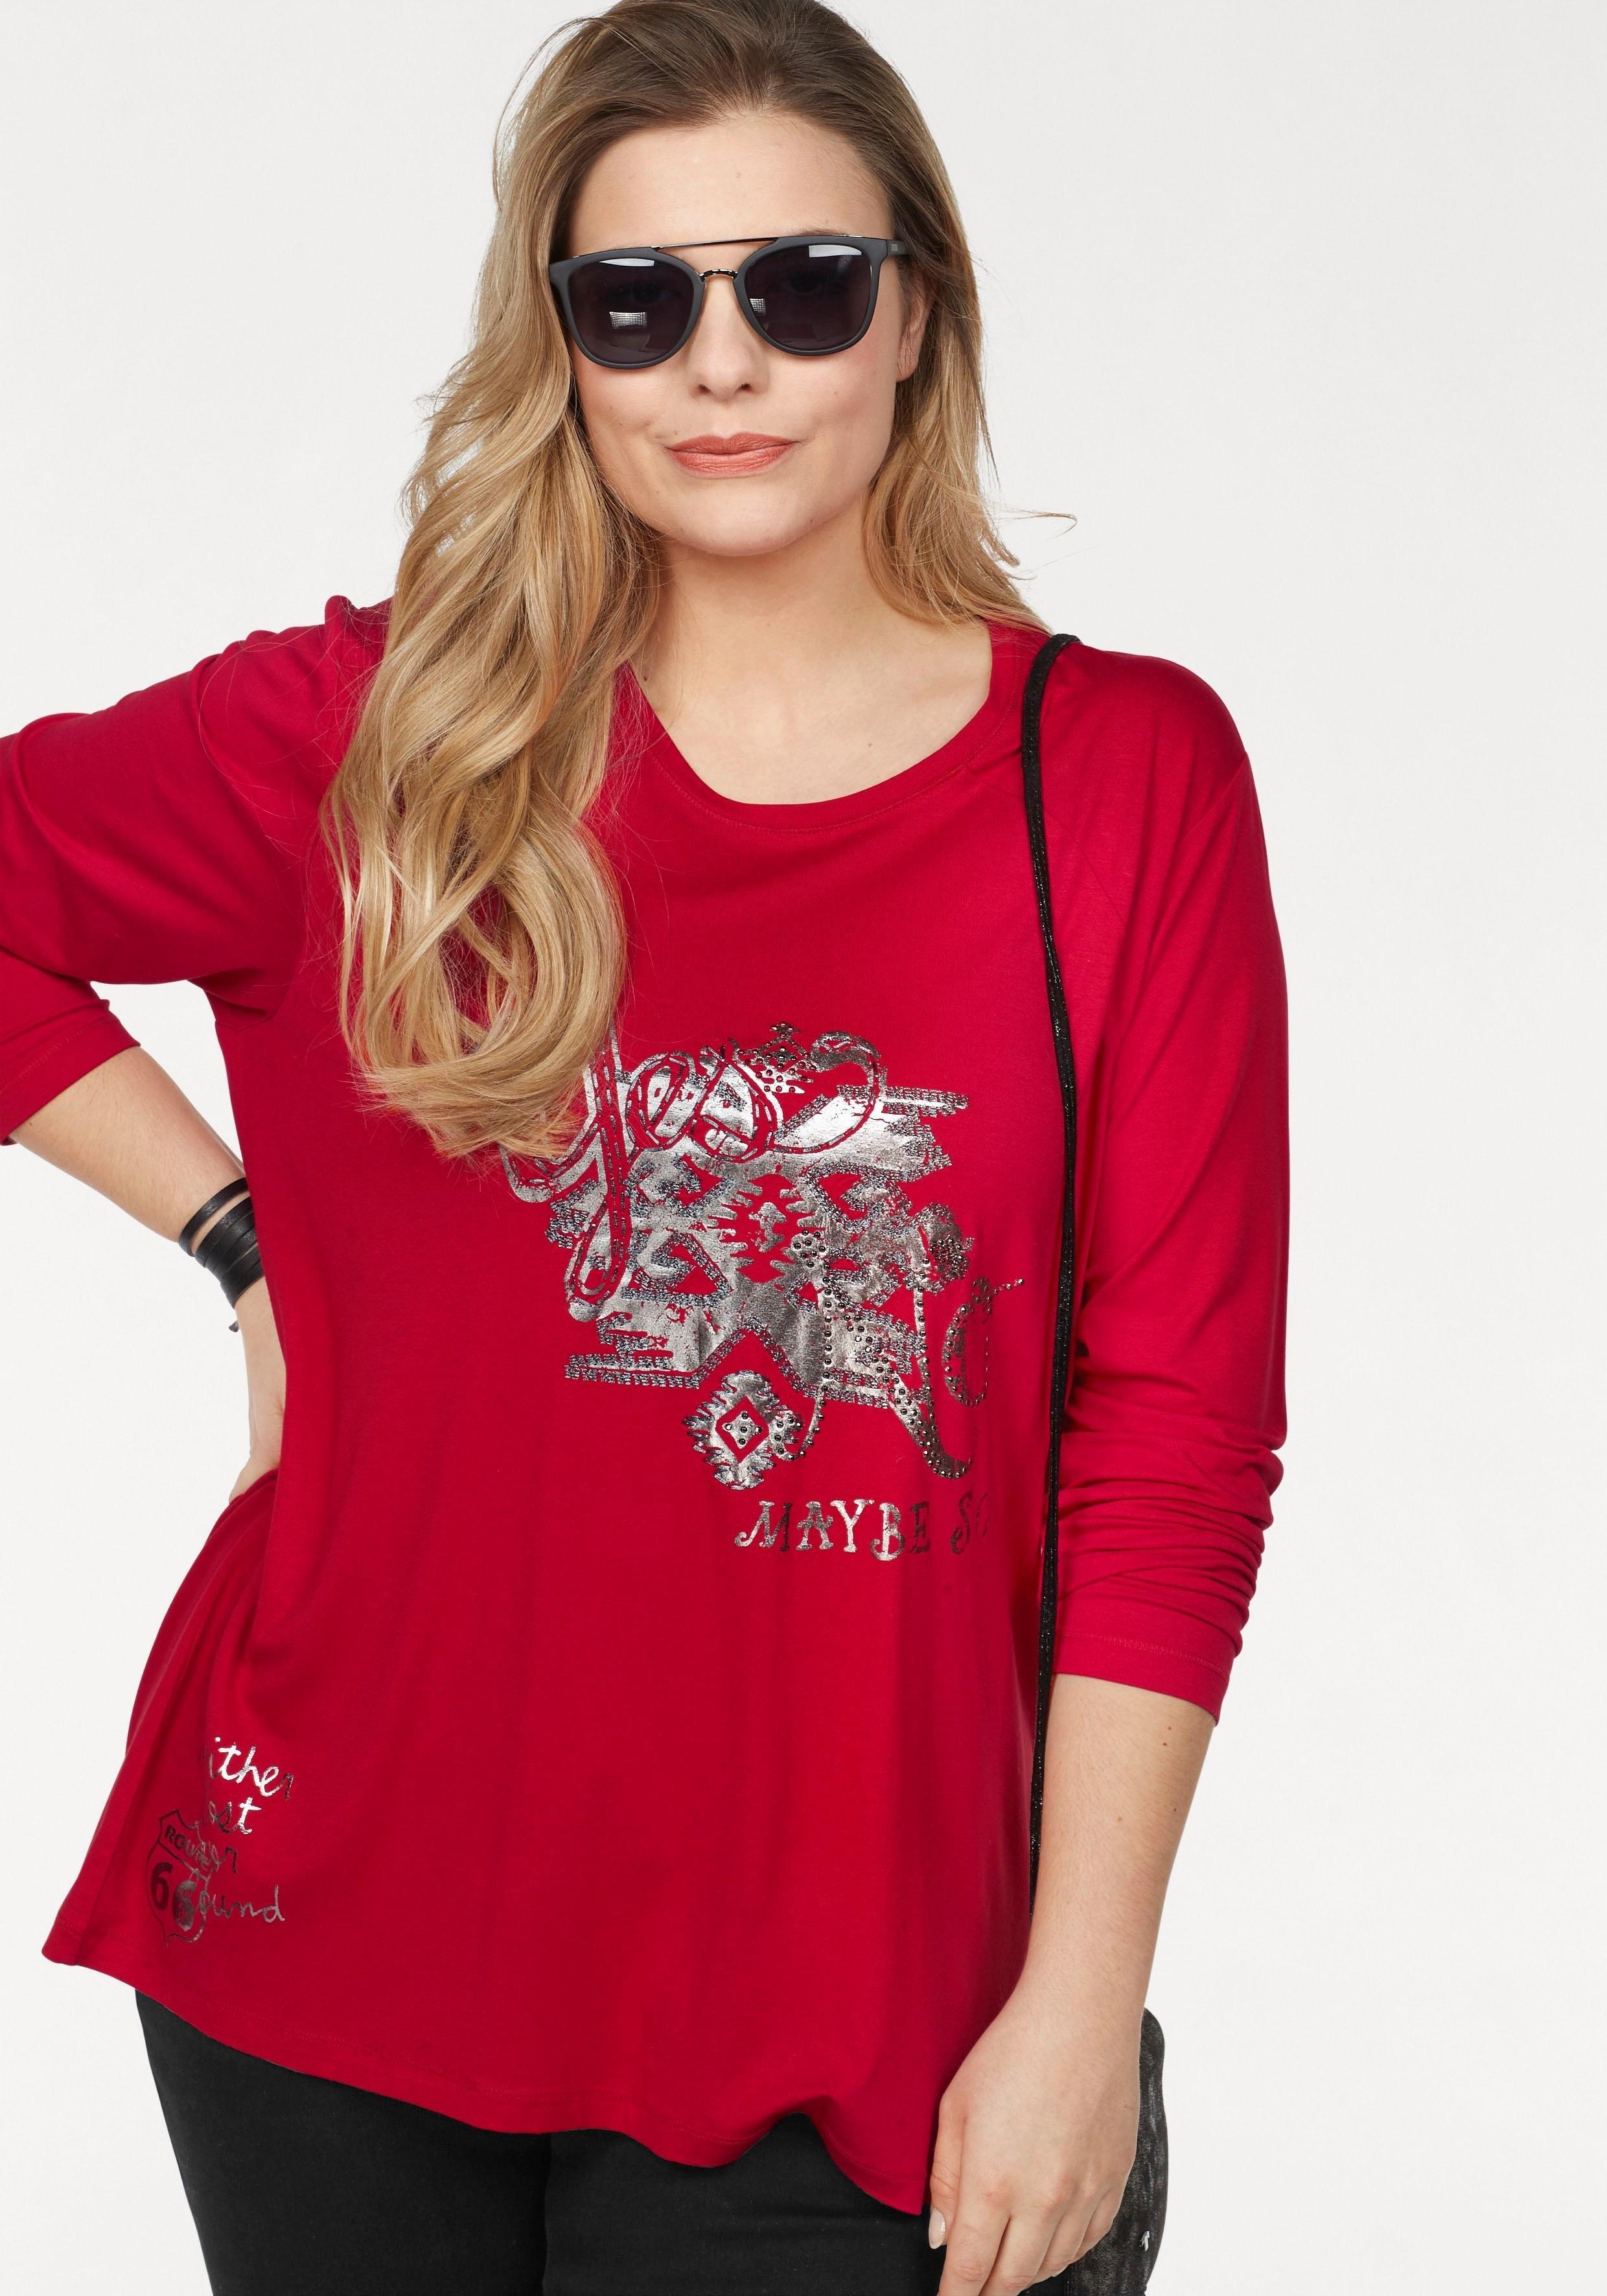 In De Online Nosecret Shirt Winkel Lang dxoeBCr